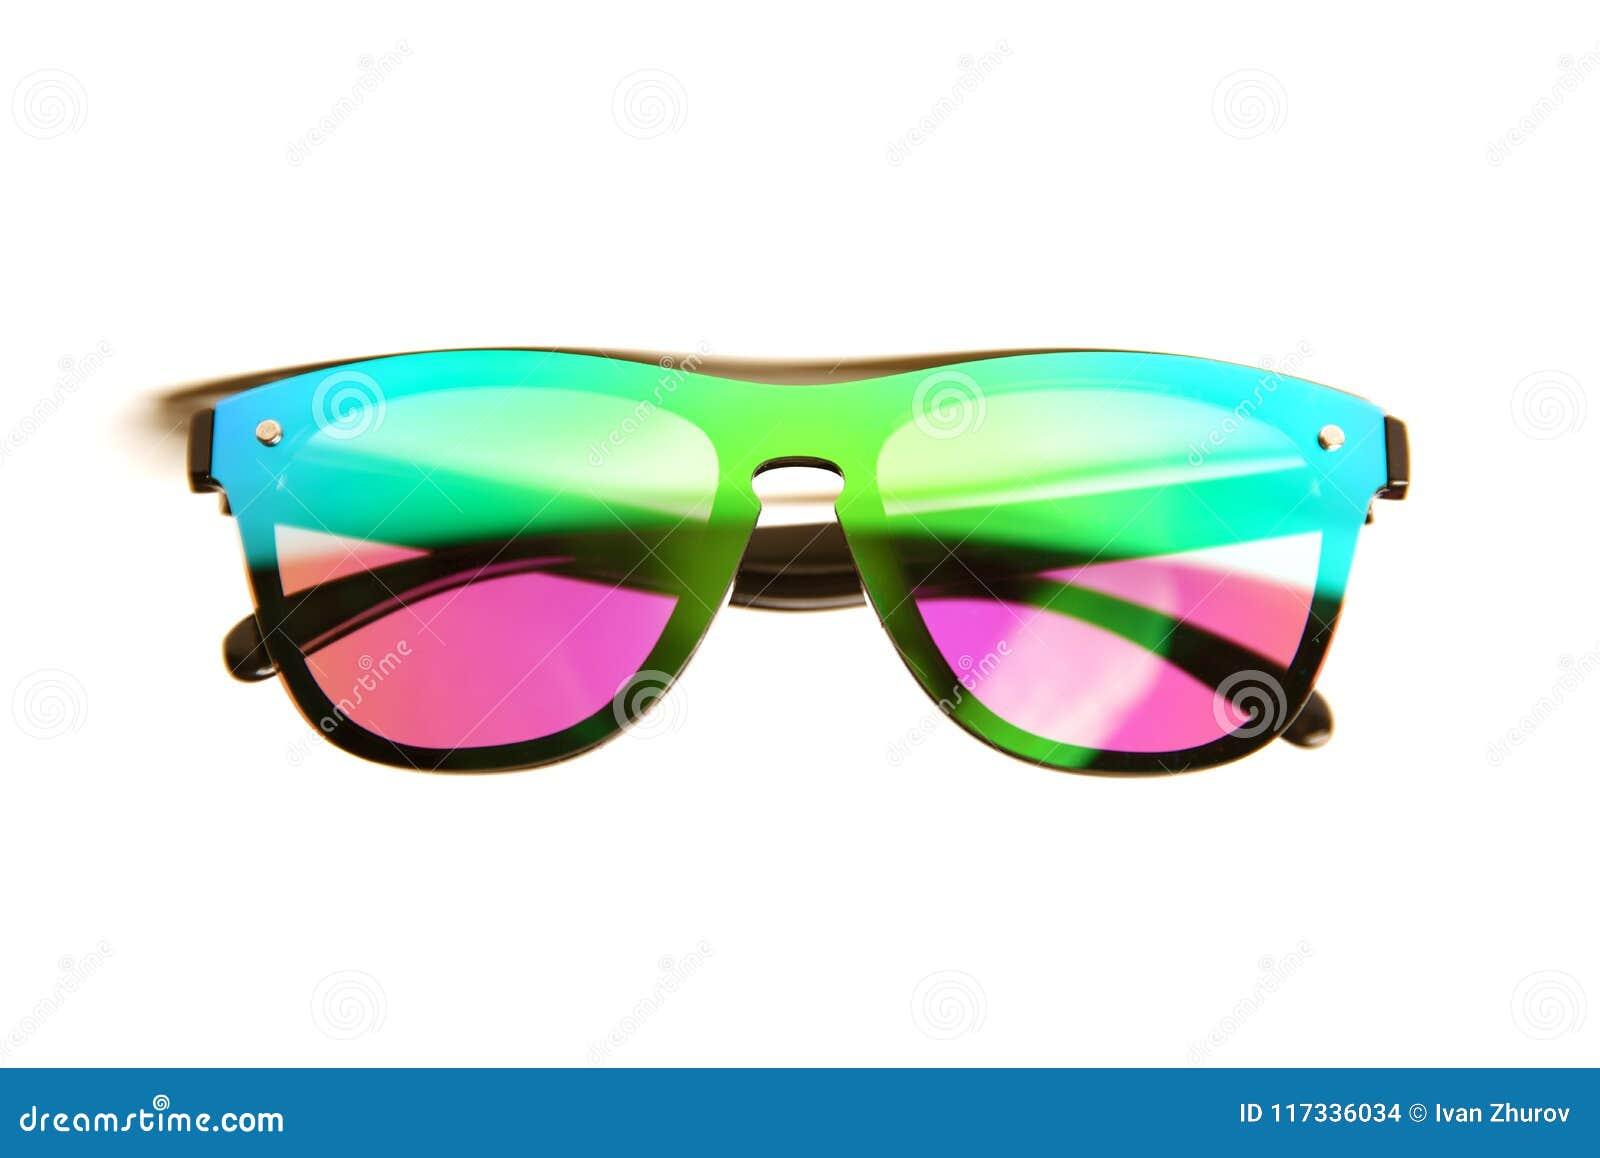 e28d00bbbfab5 Óculos de sol com as lentes brilhantes do espelho de cores cor-de-rosa